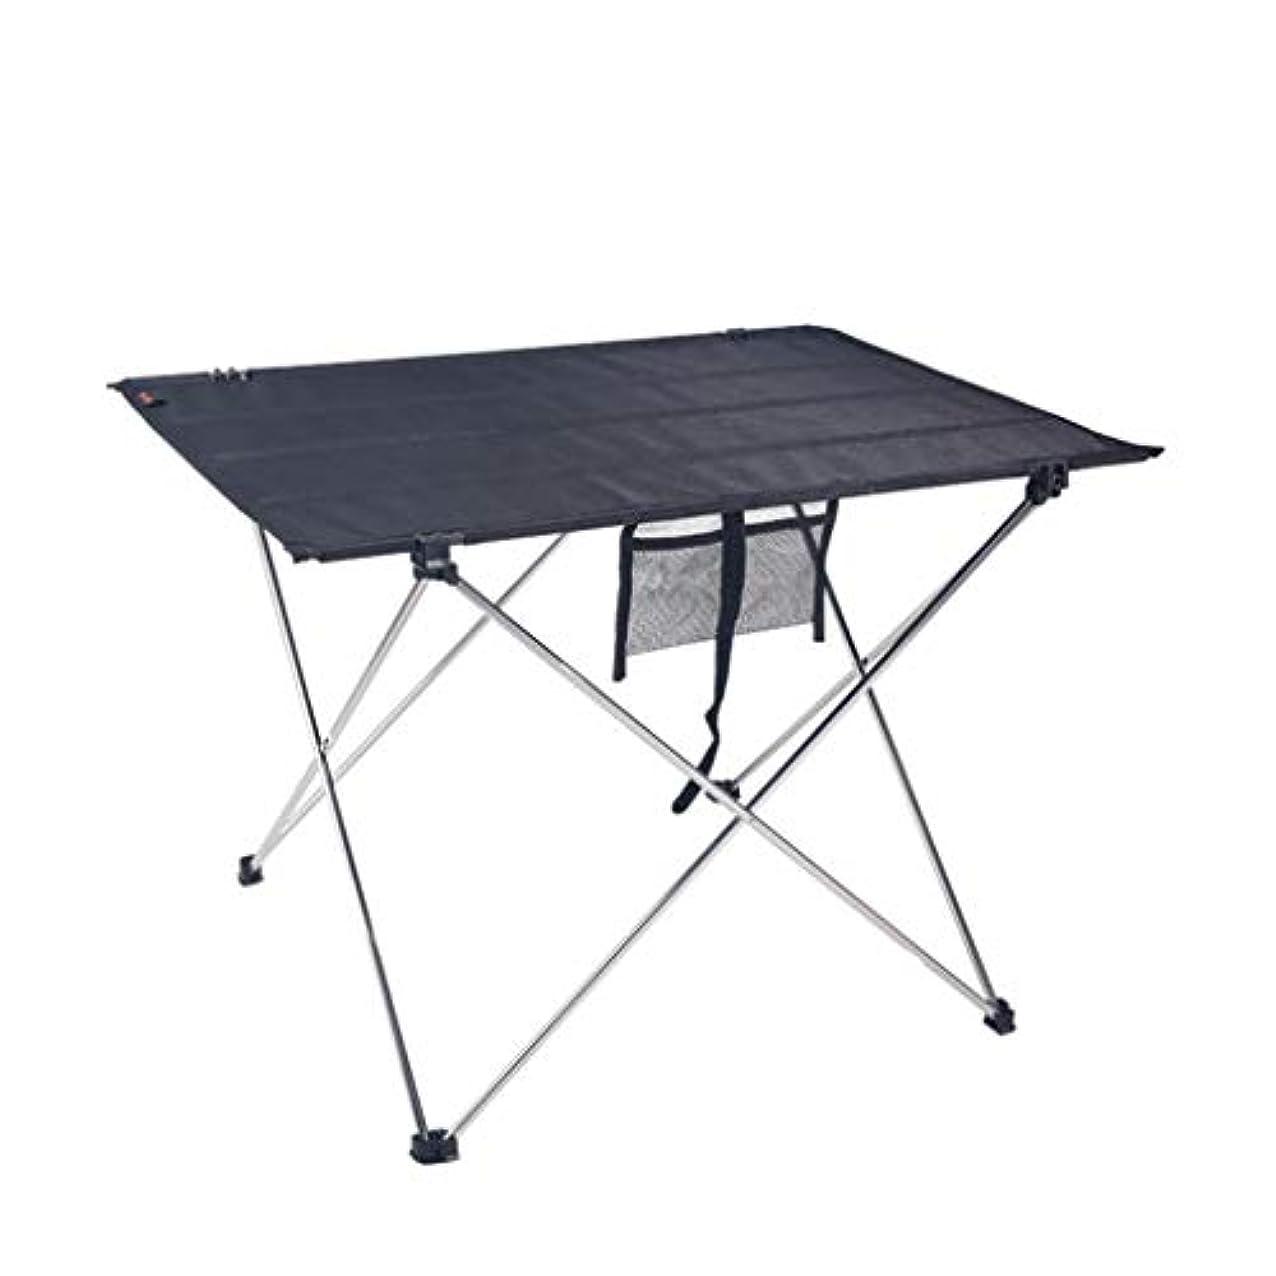 ボスのために鎮痛剤折りたたみ式テーブル アウトドア 屋外折りたたみテーブルポータブルアルミピクニックテーブル釣りバーベキューテーブル 折りたたみ式テーブル